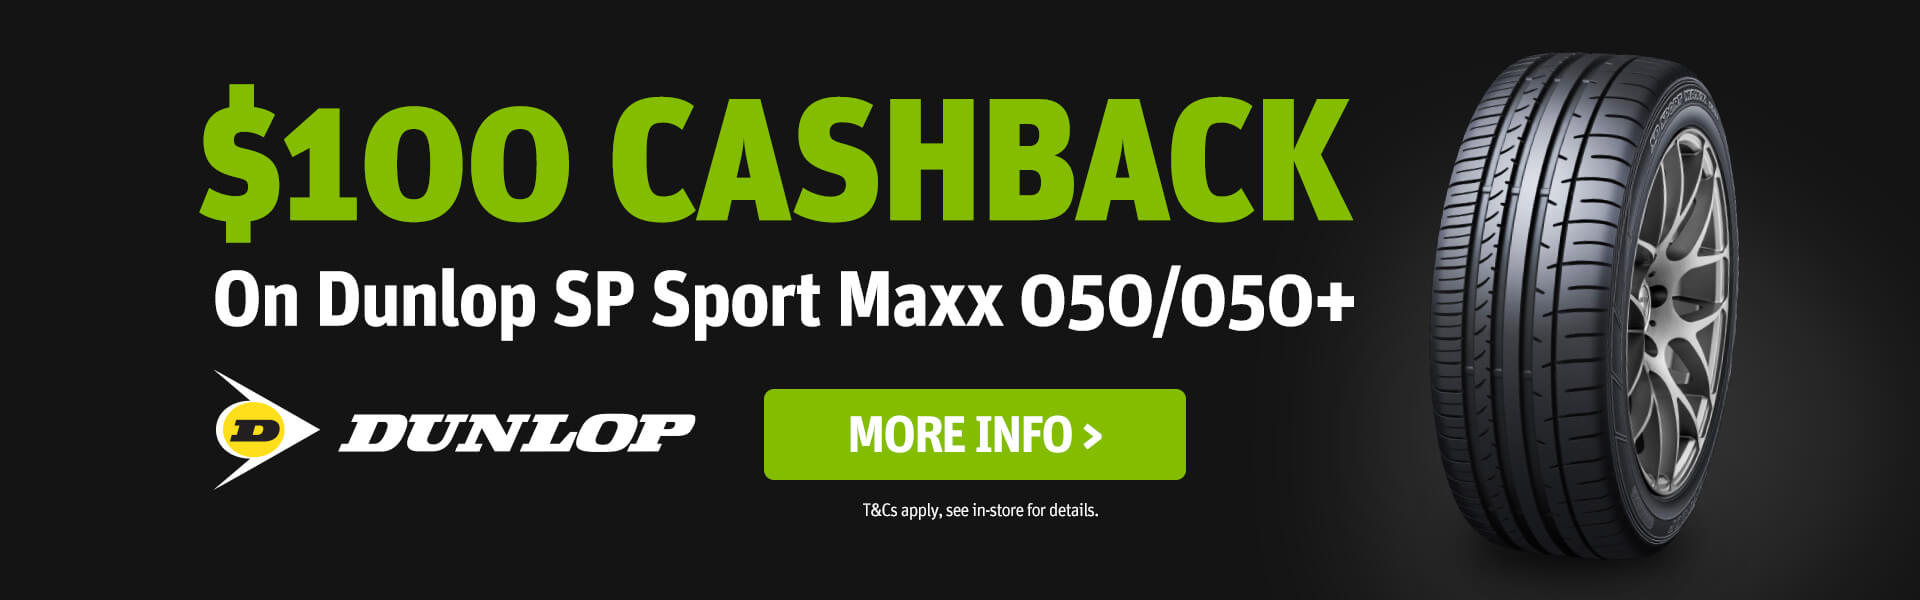 Dunlop $100 Cashback SP Sport Maxx Banner